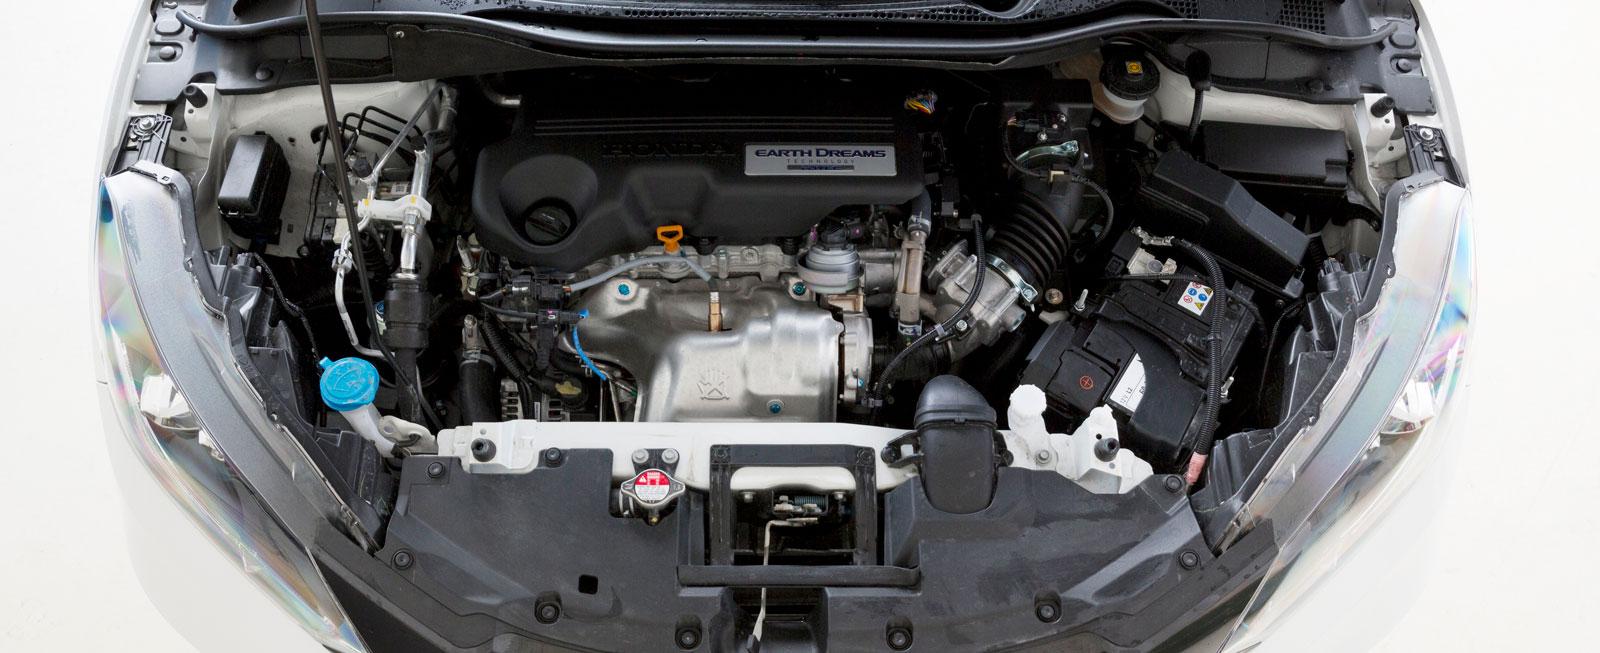 Testets bästa och snålaste motor, en typiskt Hondamjuk och smidig karaktär man nästan skulle kunna ta för att vara en bensinare. Snålast på dropparna i testet.